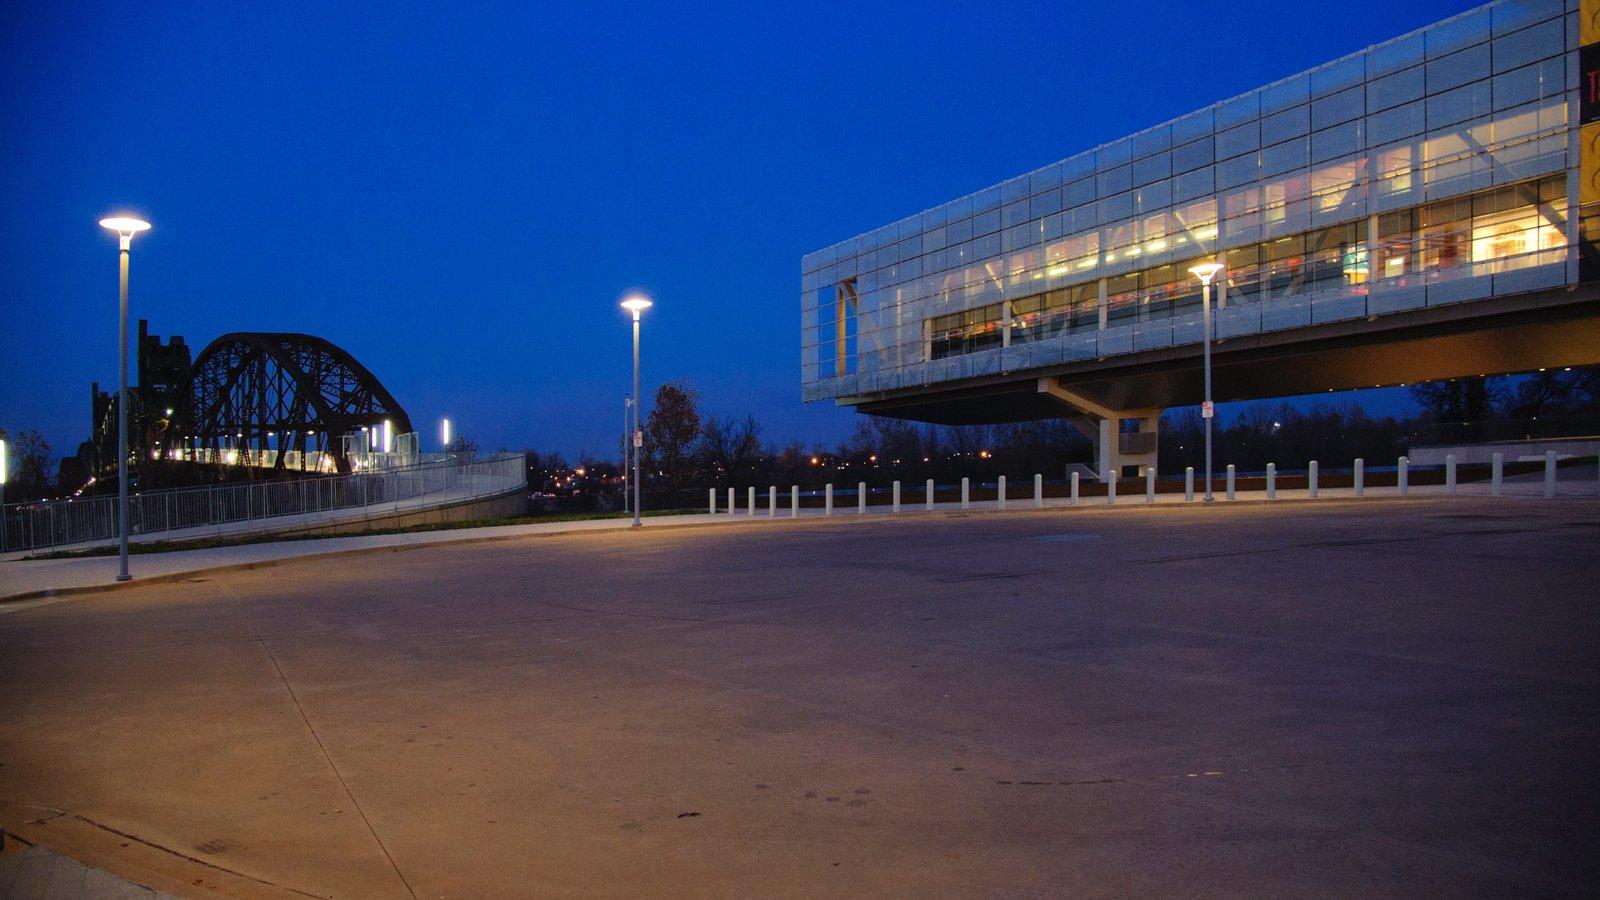 William J. Clinton Presidential Library que inclui arquitetura moderna, cenas noturnas e uma ponte